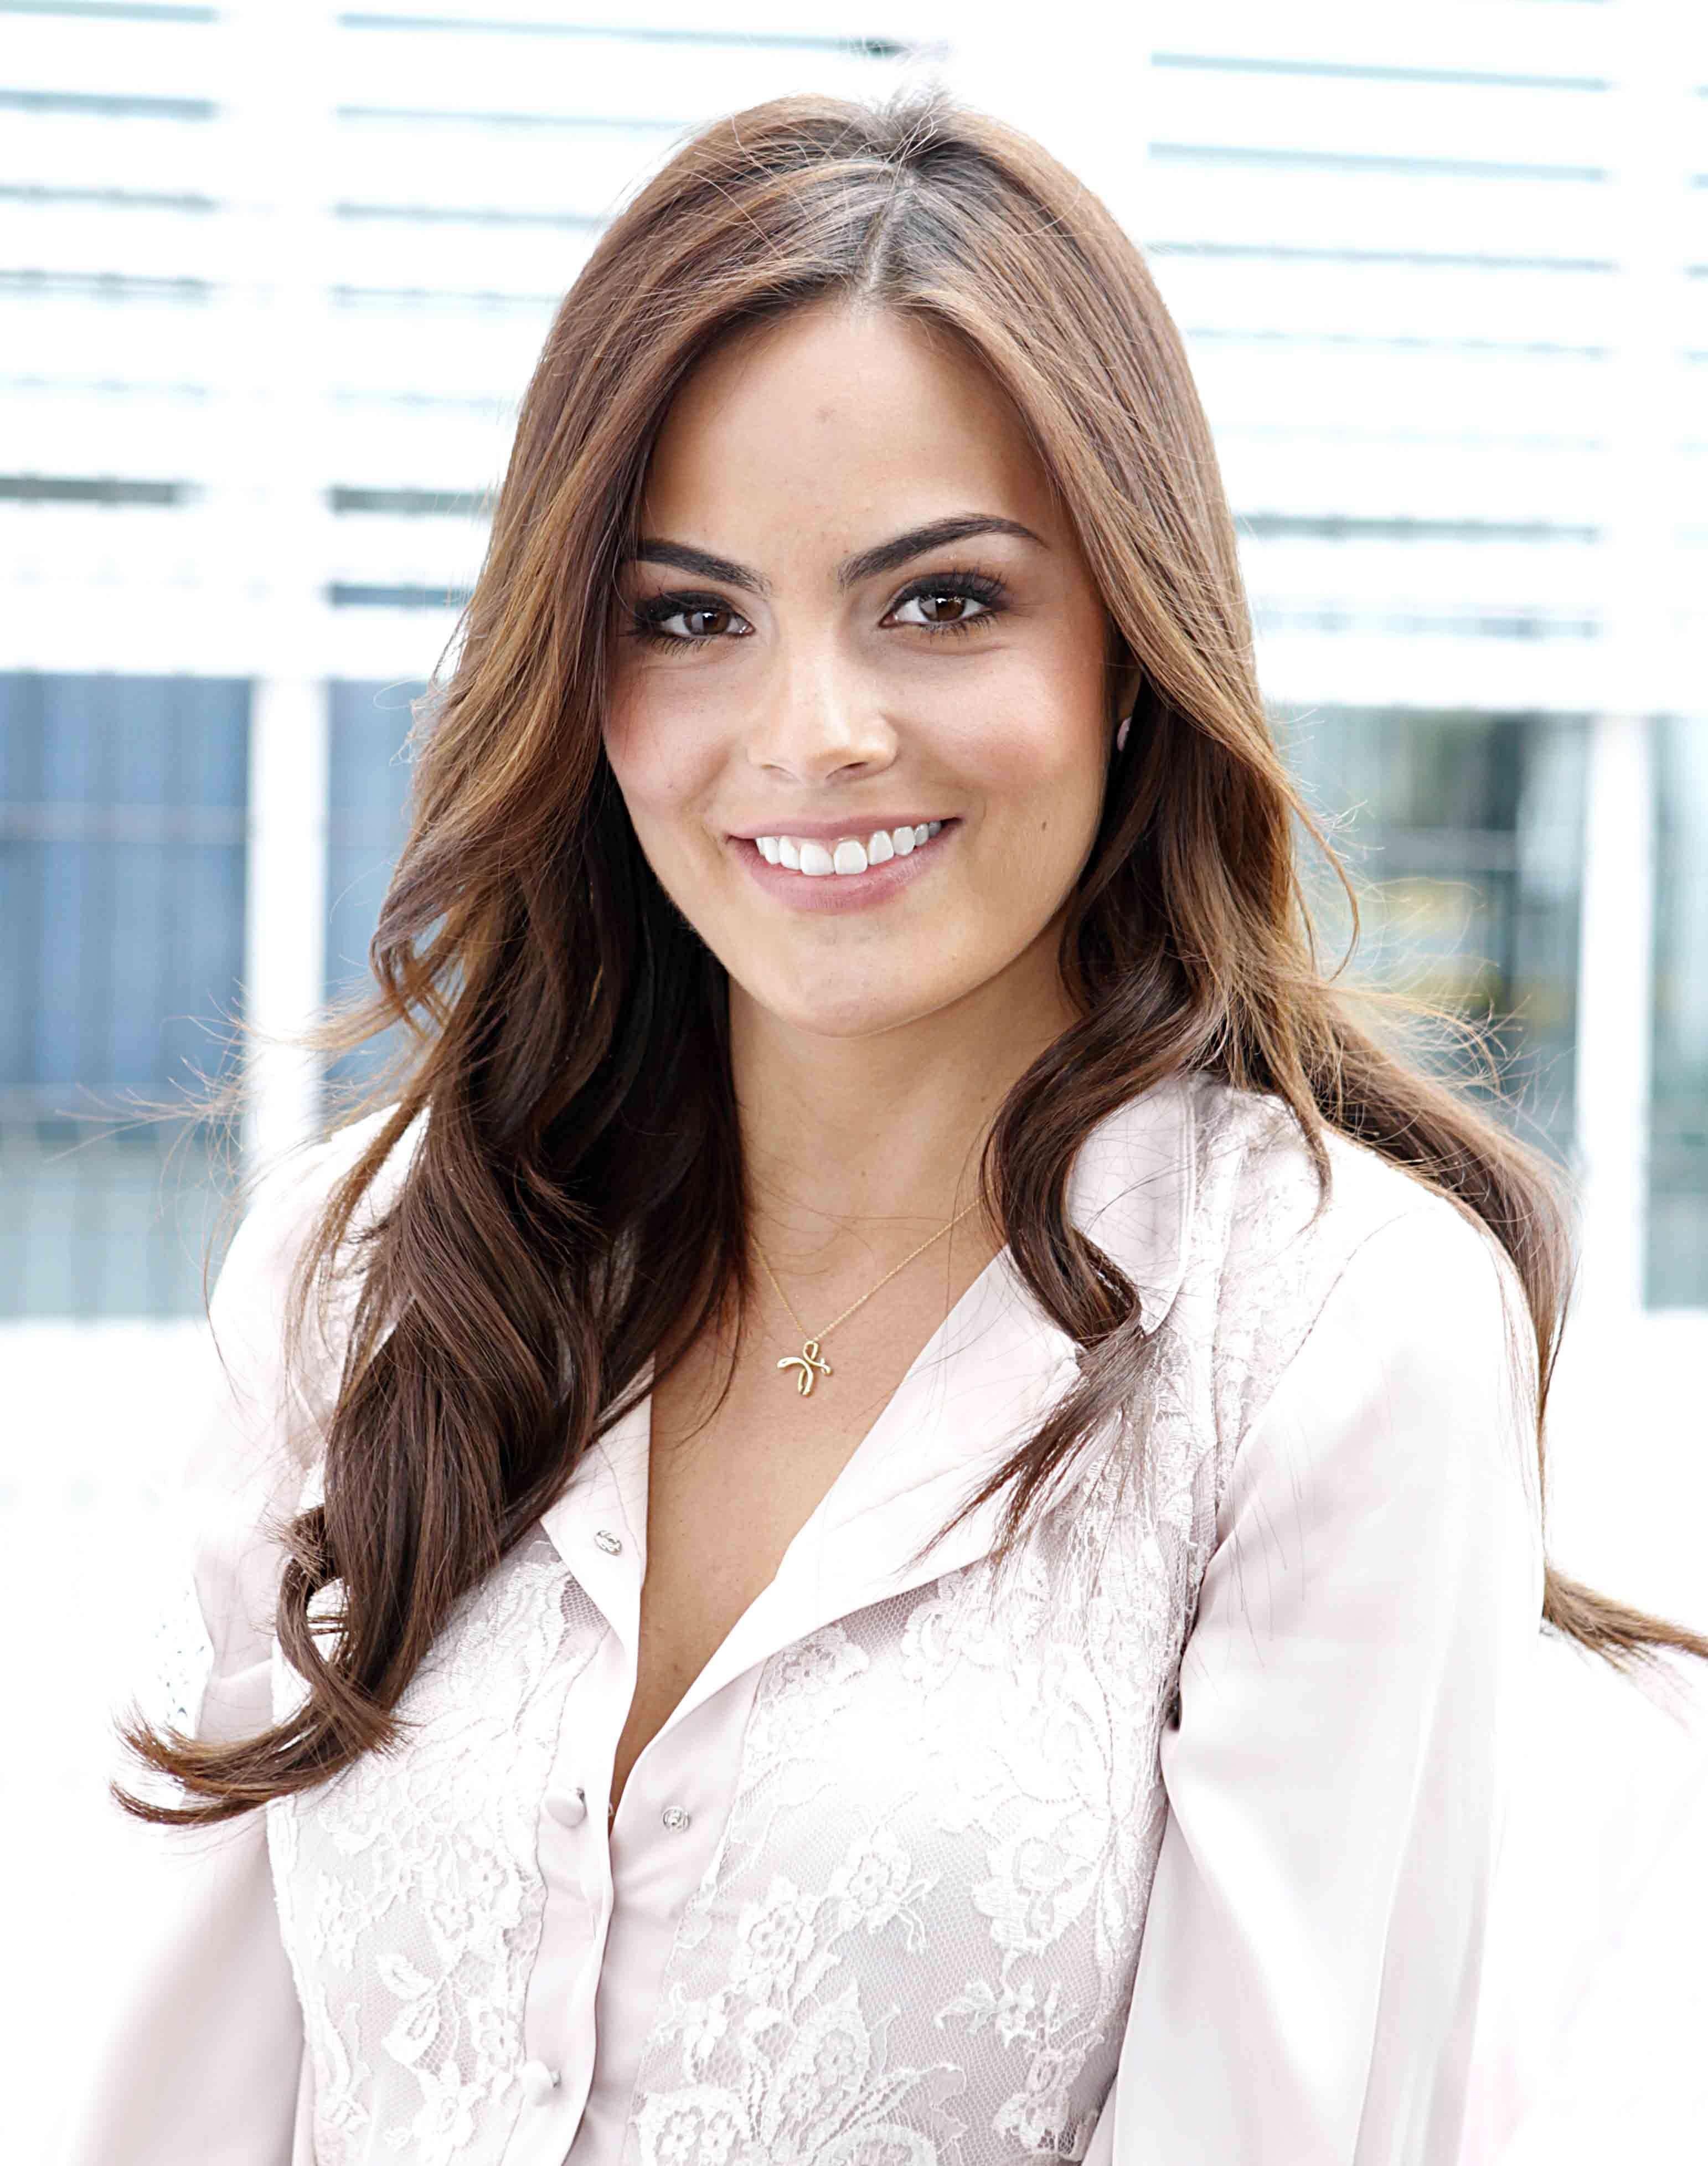 Ximena Navarrete MISS UNIVERSE 2010 Official Thread  Ximena Navarret...